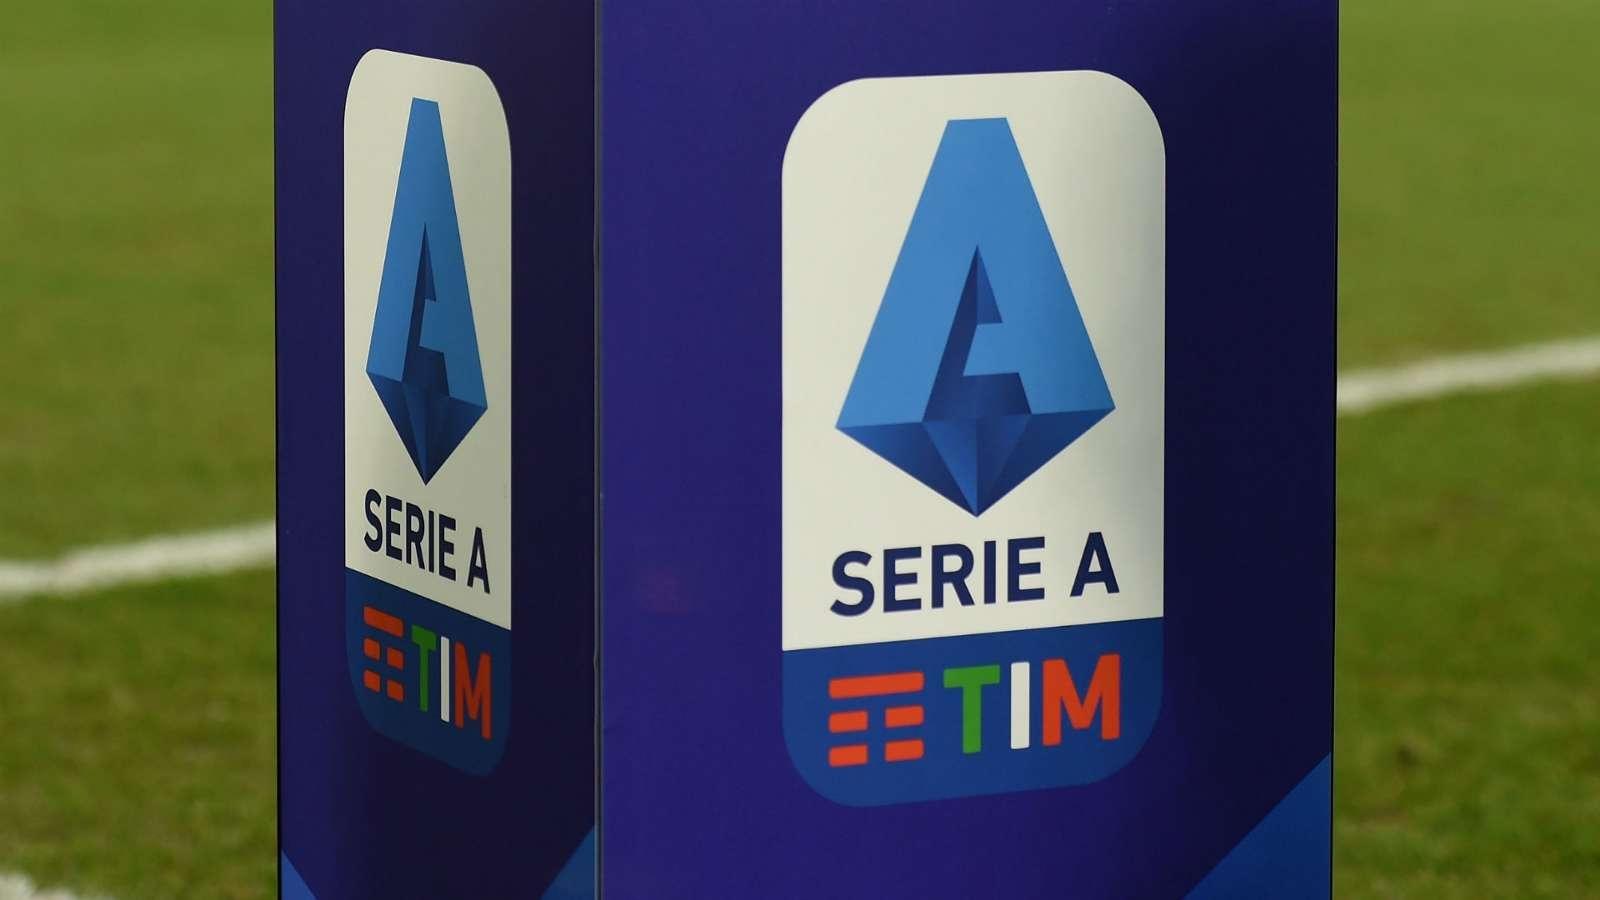 Футболното първенство на Италия ще бъде подновено, когато епидемиологичната ситуация